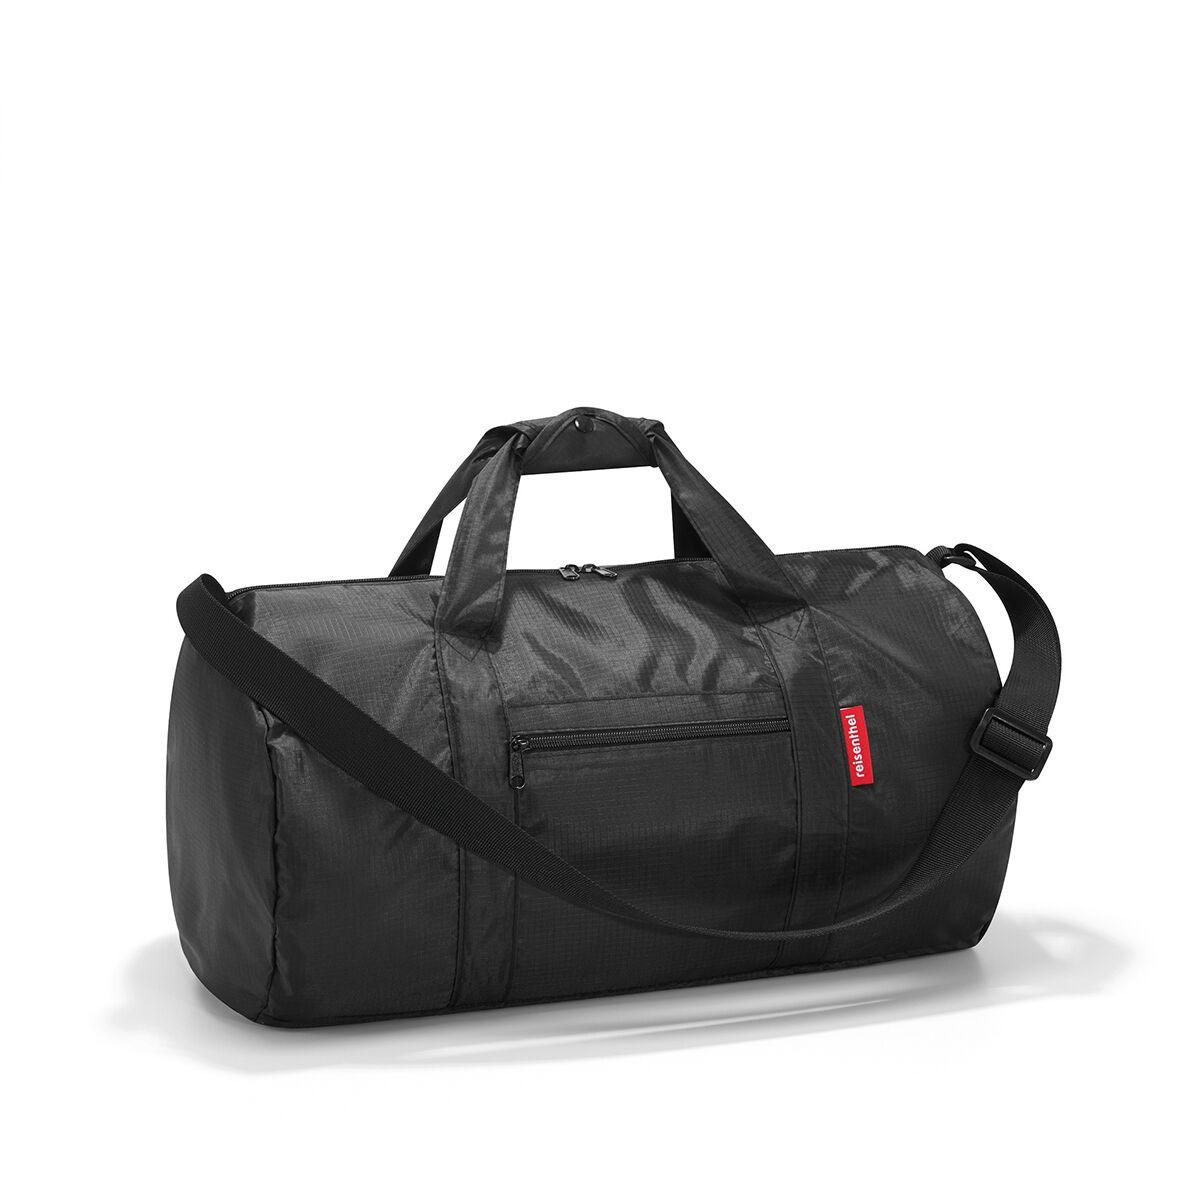 Сумка спортивная женская Reisenthel, цвет: черный. AM7003KLF256Универсальная сумка-трансформер серии Mini Maxi, предназначенная для путешествий и спорта. Подходит для хранения, компактно складывается в собственный внутренний карман. У модели вместительное основное отделение на молнии, экономит место при хранении и перевозке в сложенном состоянии, регулируемый наплечный ремень, ручки для переноски, регулируемые при помощи специальных застежек, два внешних кармана на молнии, материал: высококачественный водостойкий полиэстер, объем - 20 литров.